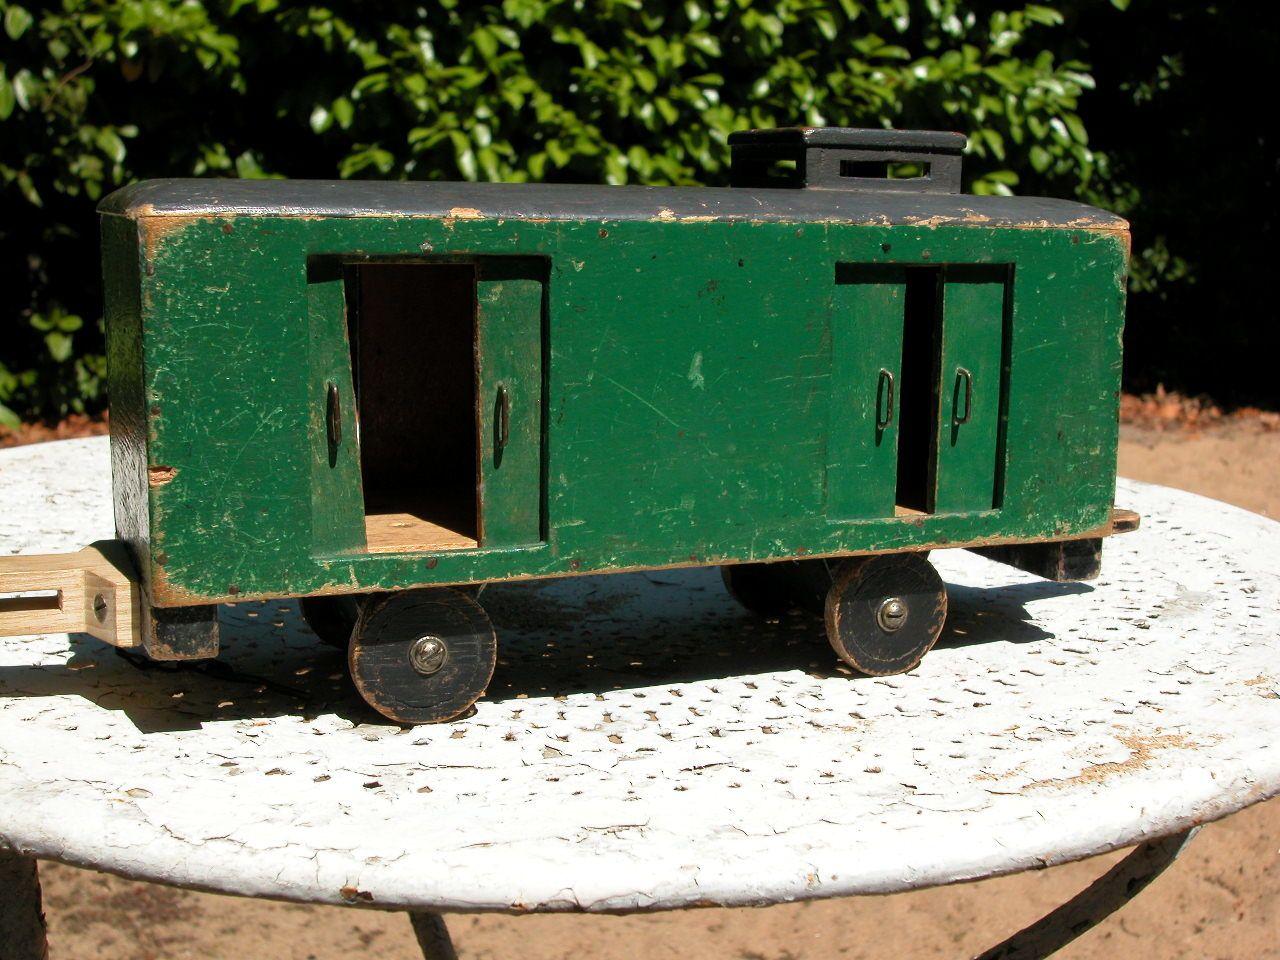 Le train en bois fabriqué par mon grand père, pour ses petits enfants.